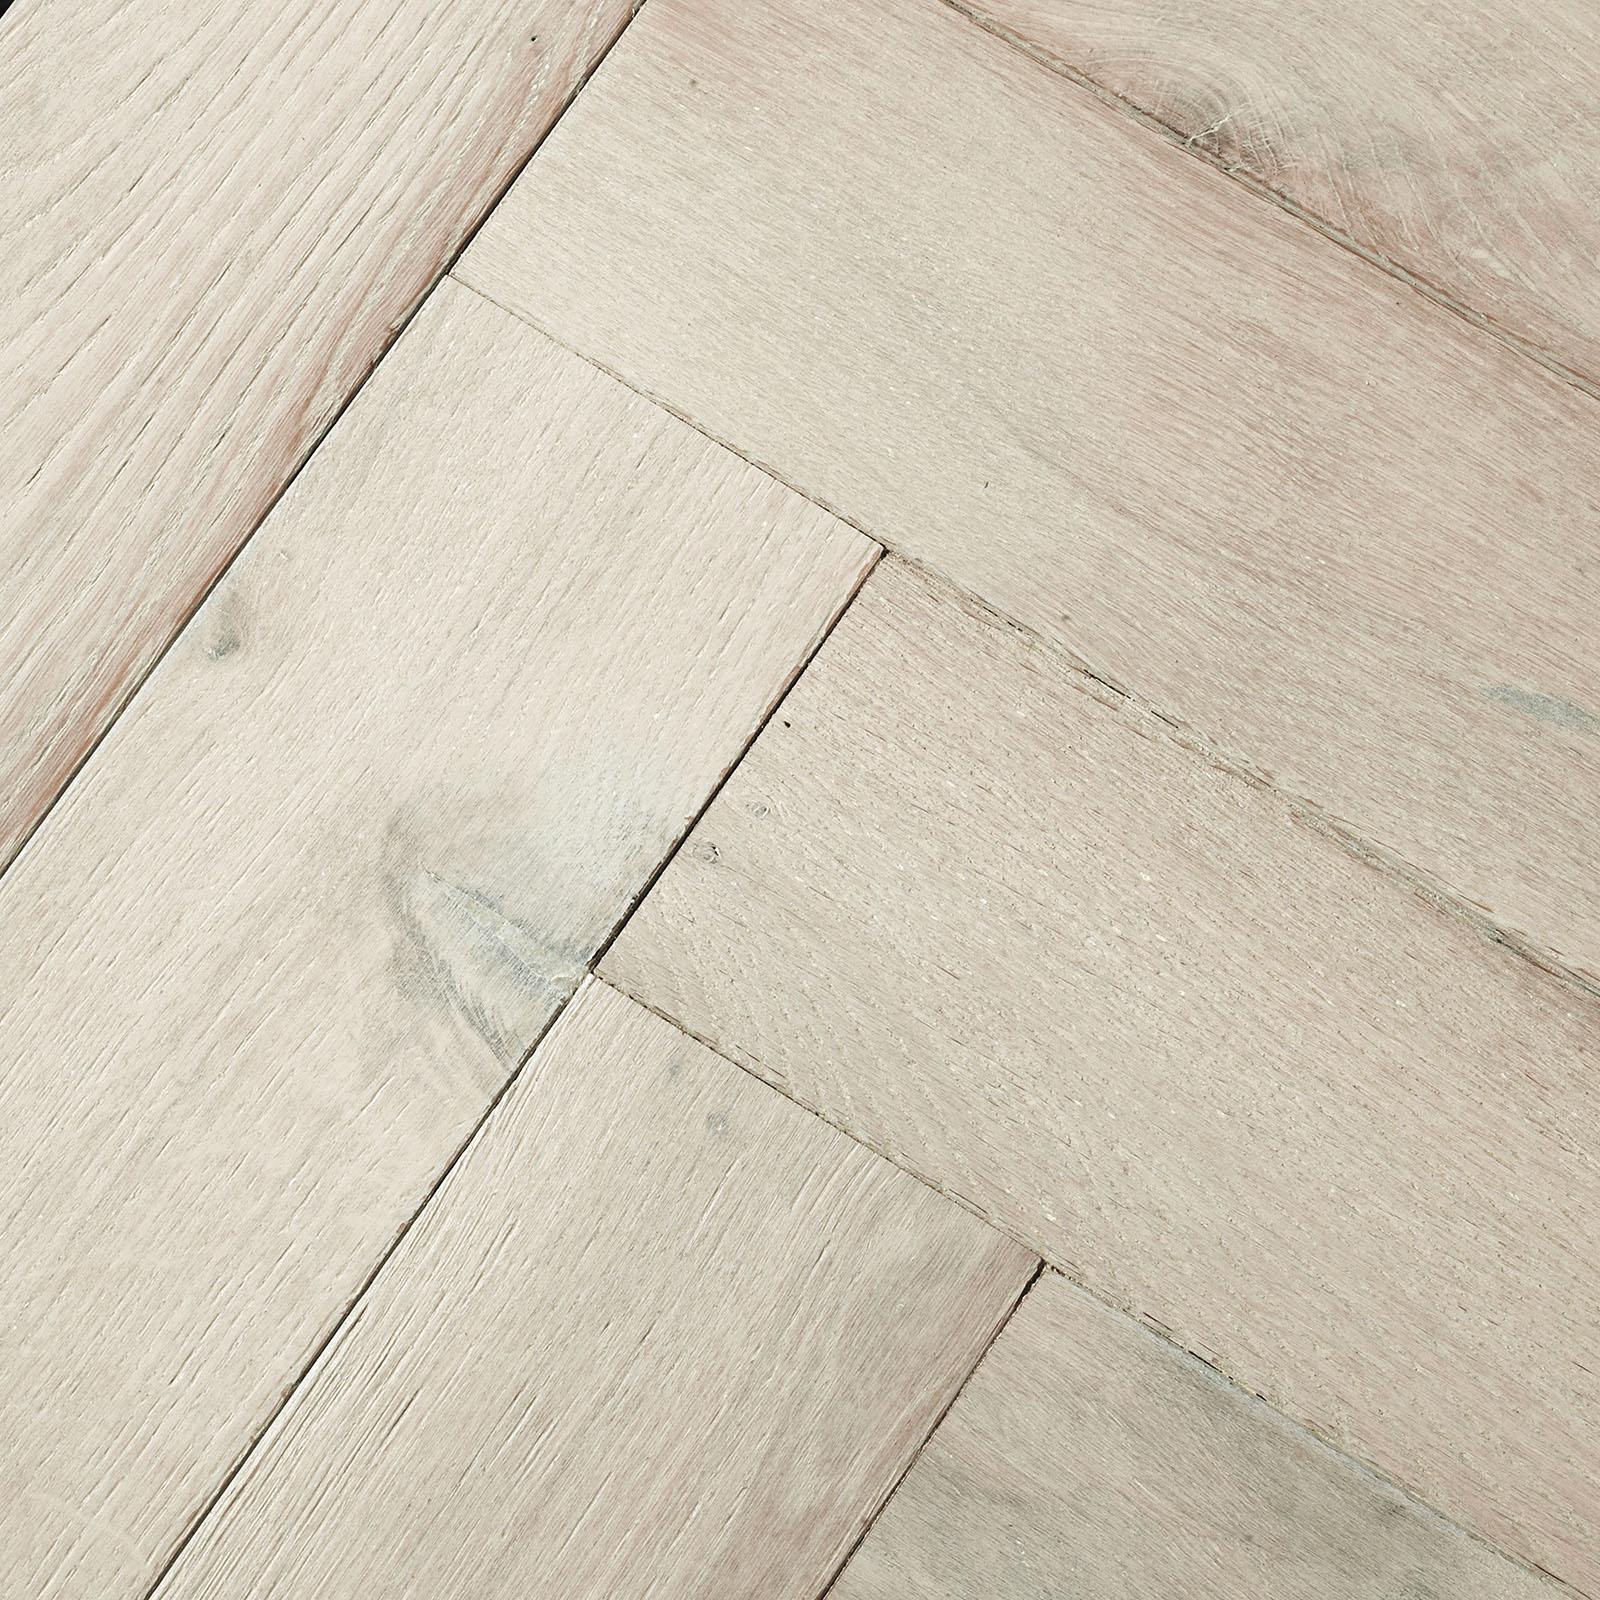 Goodrich whitened oak